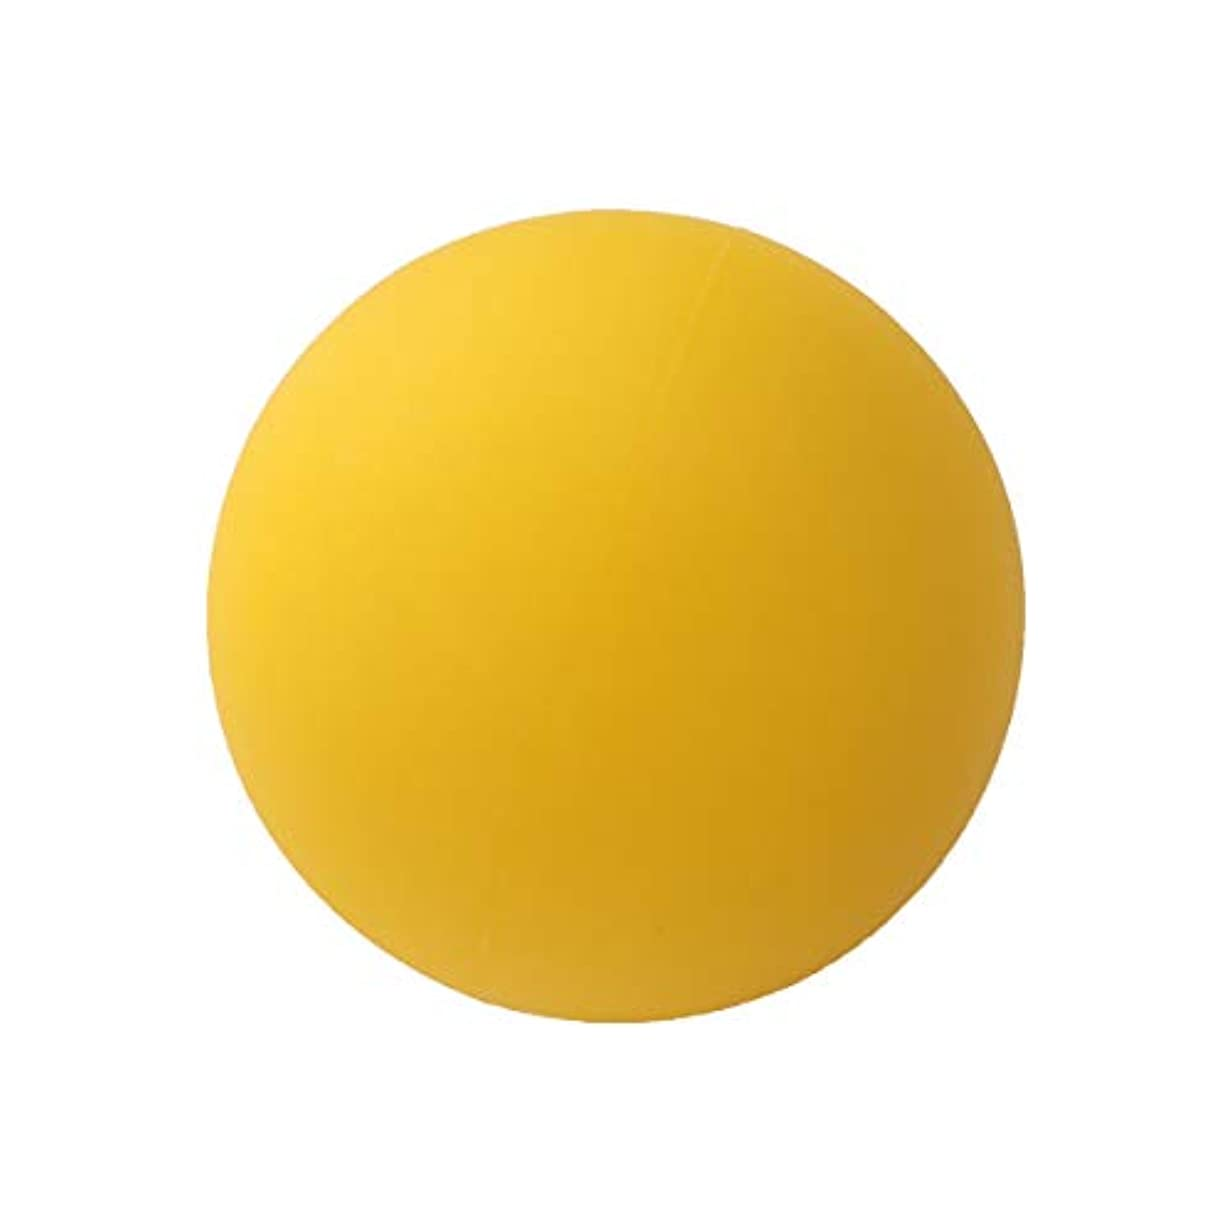 価値のない打倒結晶VORCOOL マッサージボール ヨガ ストレッチボール トリガーポイント 筋膜リリース トレーニング 背中 肩こり 腰 ふくらはぎ 足裏 ツボ押しグッズ 物理 マッサージ 療法ボール